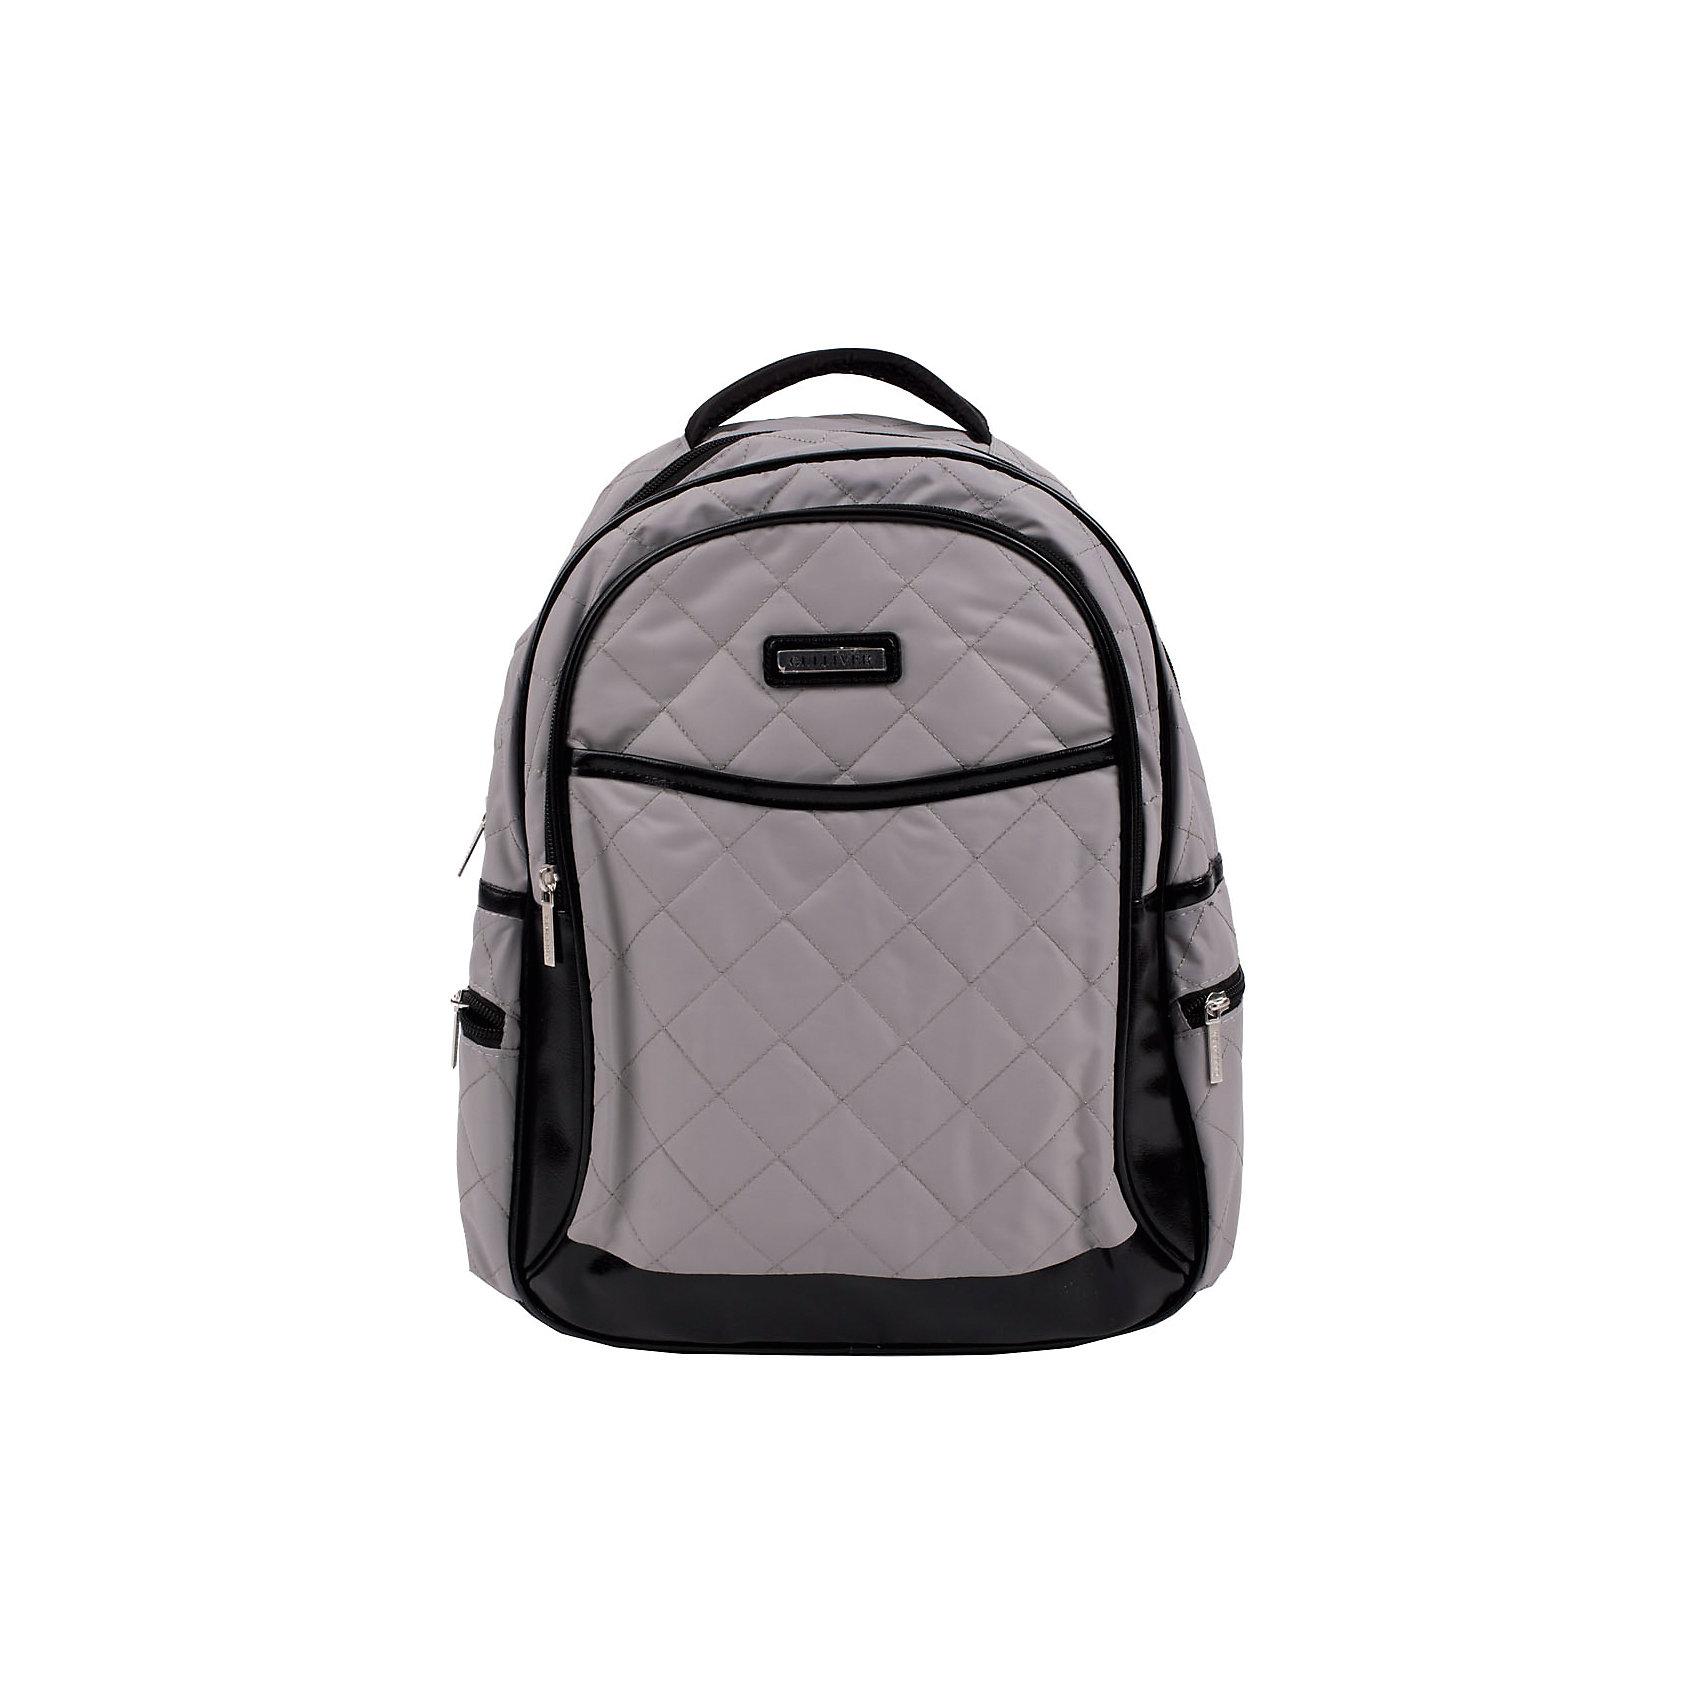 Рюкзак для мальчика GulliverРюкзак для мальчика от известного бренда Gulliver<br>Выбрать правильный рюкзак для школьника - задача не из простых! Ведь он должен быть не только модным, удобным и красивым, но и соответствовать необходимым стандартам качества. Серый школьный рюкзак - именно то, что нужно. Рюкзак имеет мягкий стеганый корпус из плащевки, эргономичную спинку из воздухопроницаемой ткани, удобные регулирующиеся лямки. В отделке рюкзака металлическая накладка, детали из эко кожи.<br>Размеры: <br>34*38*15 см.<br>Состав:<br>100% полиэстер<br><br>Ширина мм: 227<br>Глубина мм: 11<br>Высота мм: 226<br>Вес г: 350<br>Цвет: серый<br>Возраст от месяцев: 84<br>Возраст до месяцев: 168<br>Пол: Мужской<br>Возраст: Детский<br>Размер: one size<br>SKU: 4767845